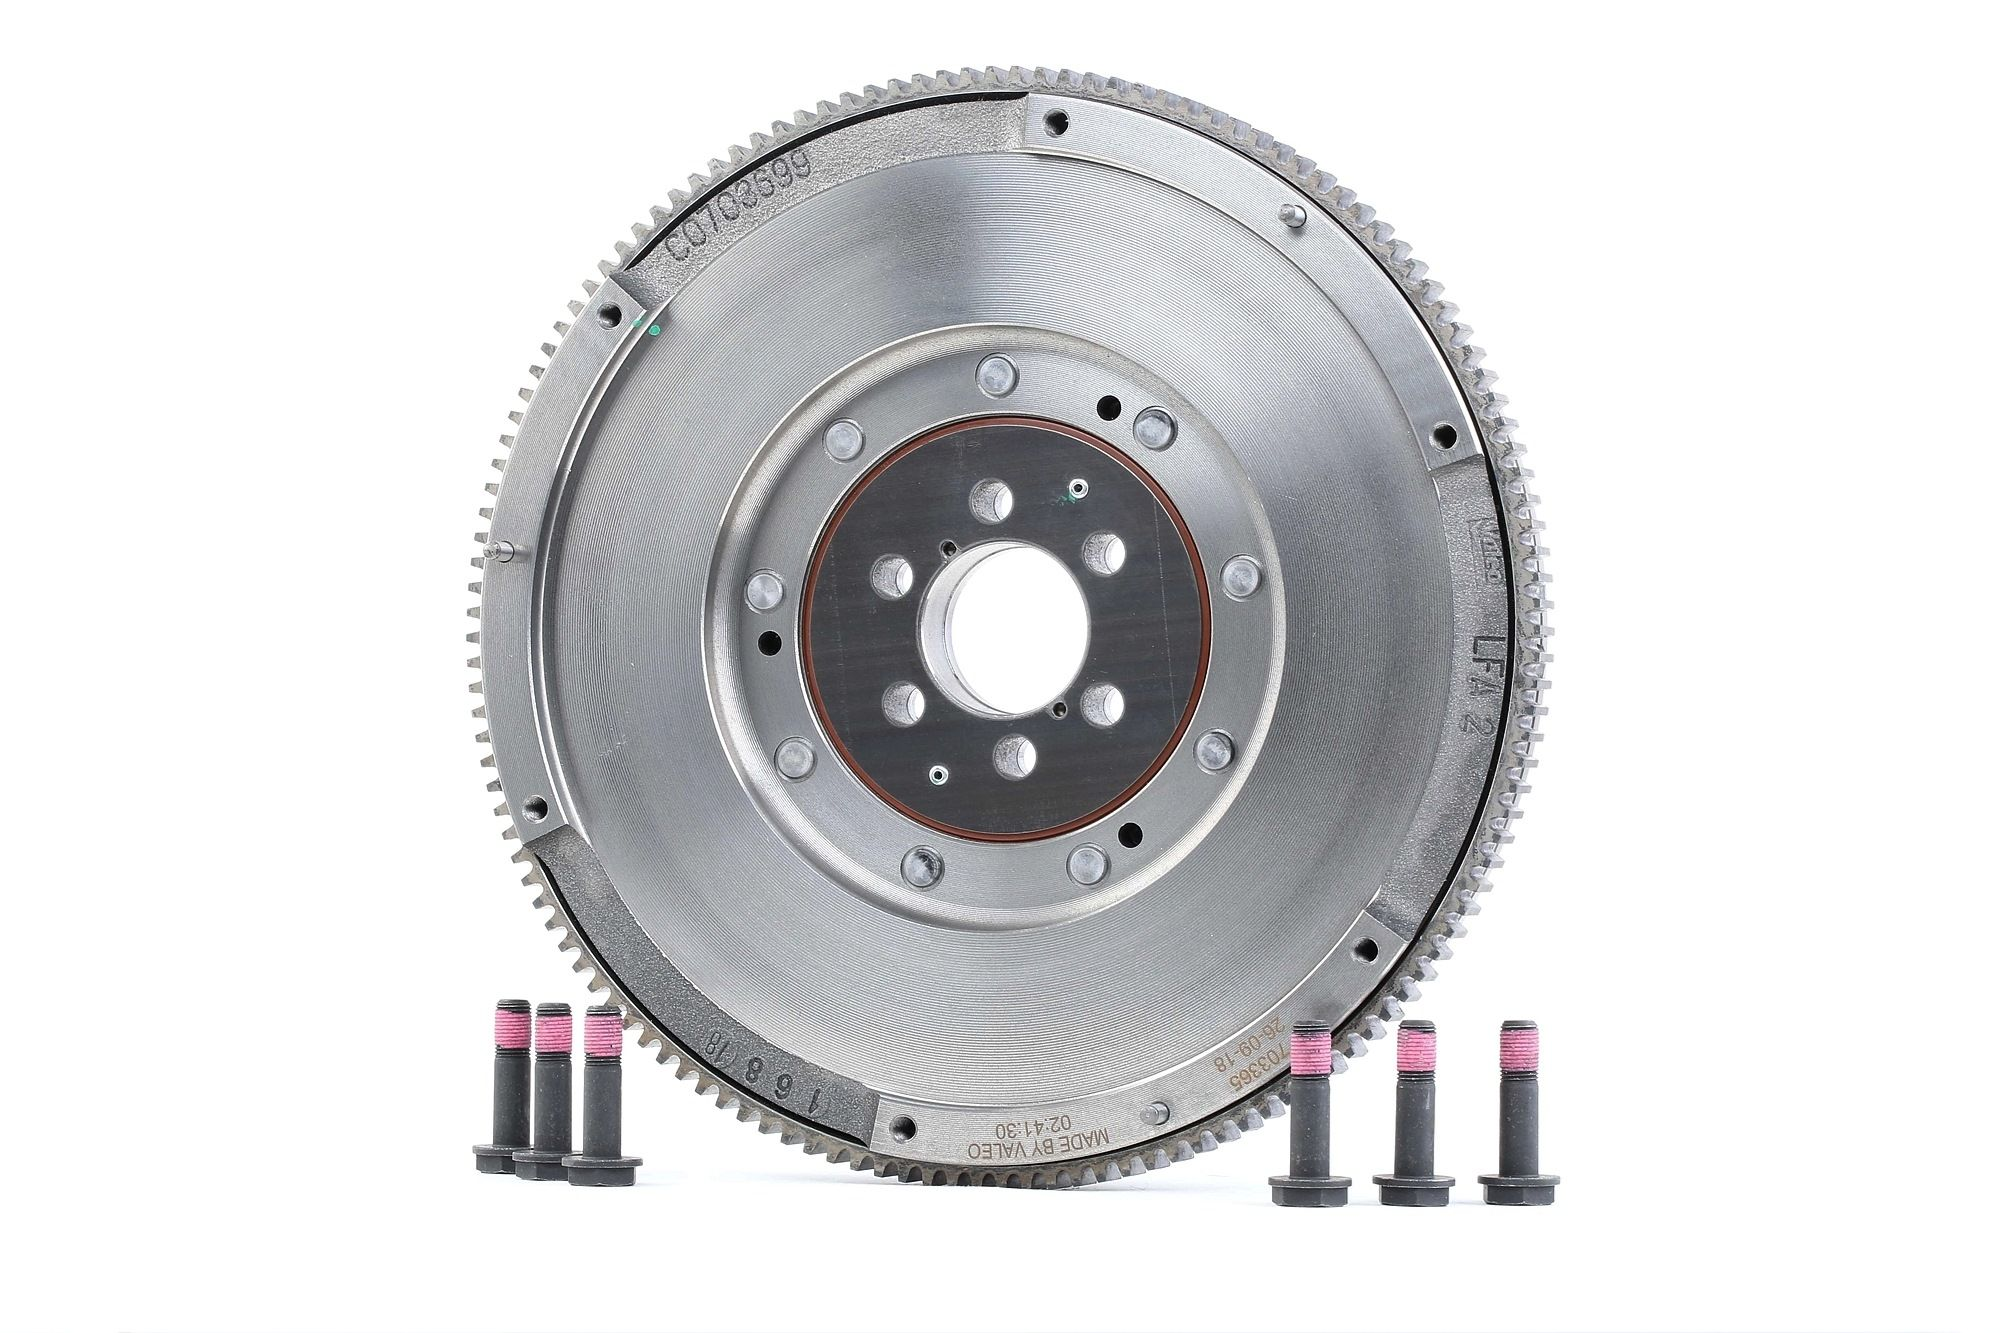 Achetez Boîte de vitesses VALEO 836224 (Équipement moteur: pour moteurs avec volant bimasse) à un rapport qualité-prix exceptionnel